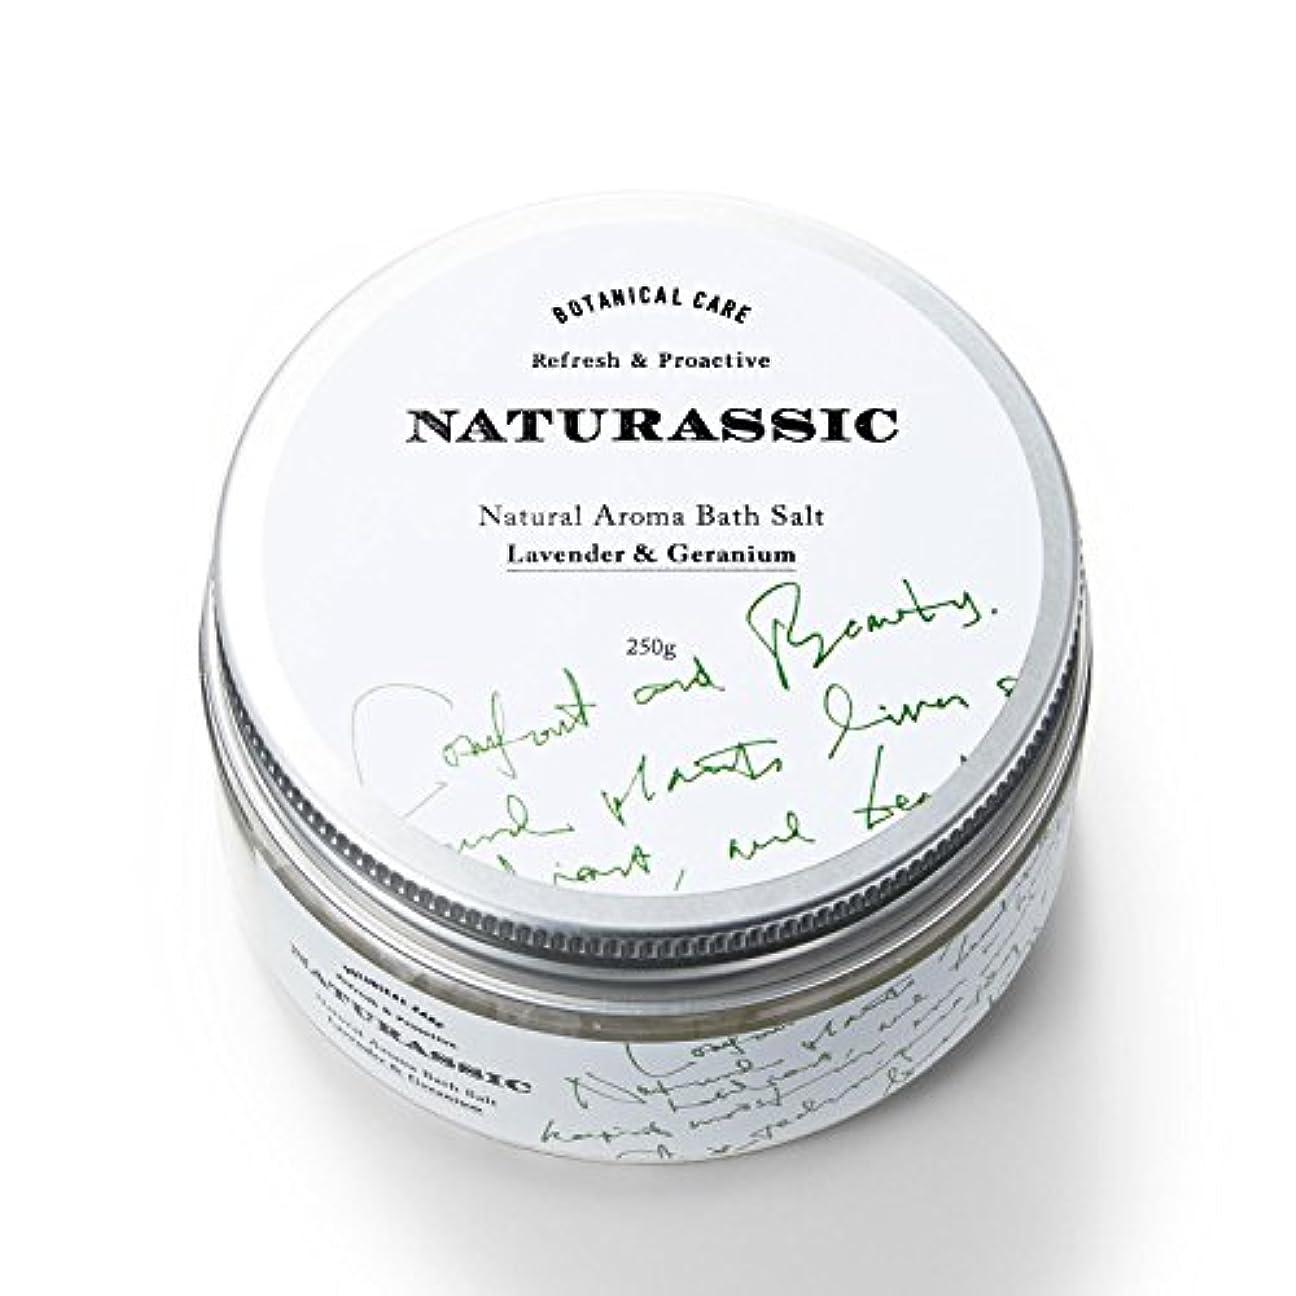 簿記係変形ばかげているナチュラシック ナチュラルアロマバスソルトLG ラベンダー&ゼラニウムの香り 250g [天然由来成分100%]